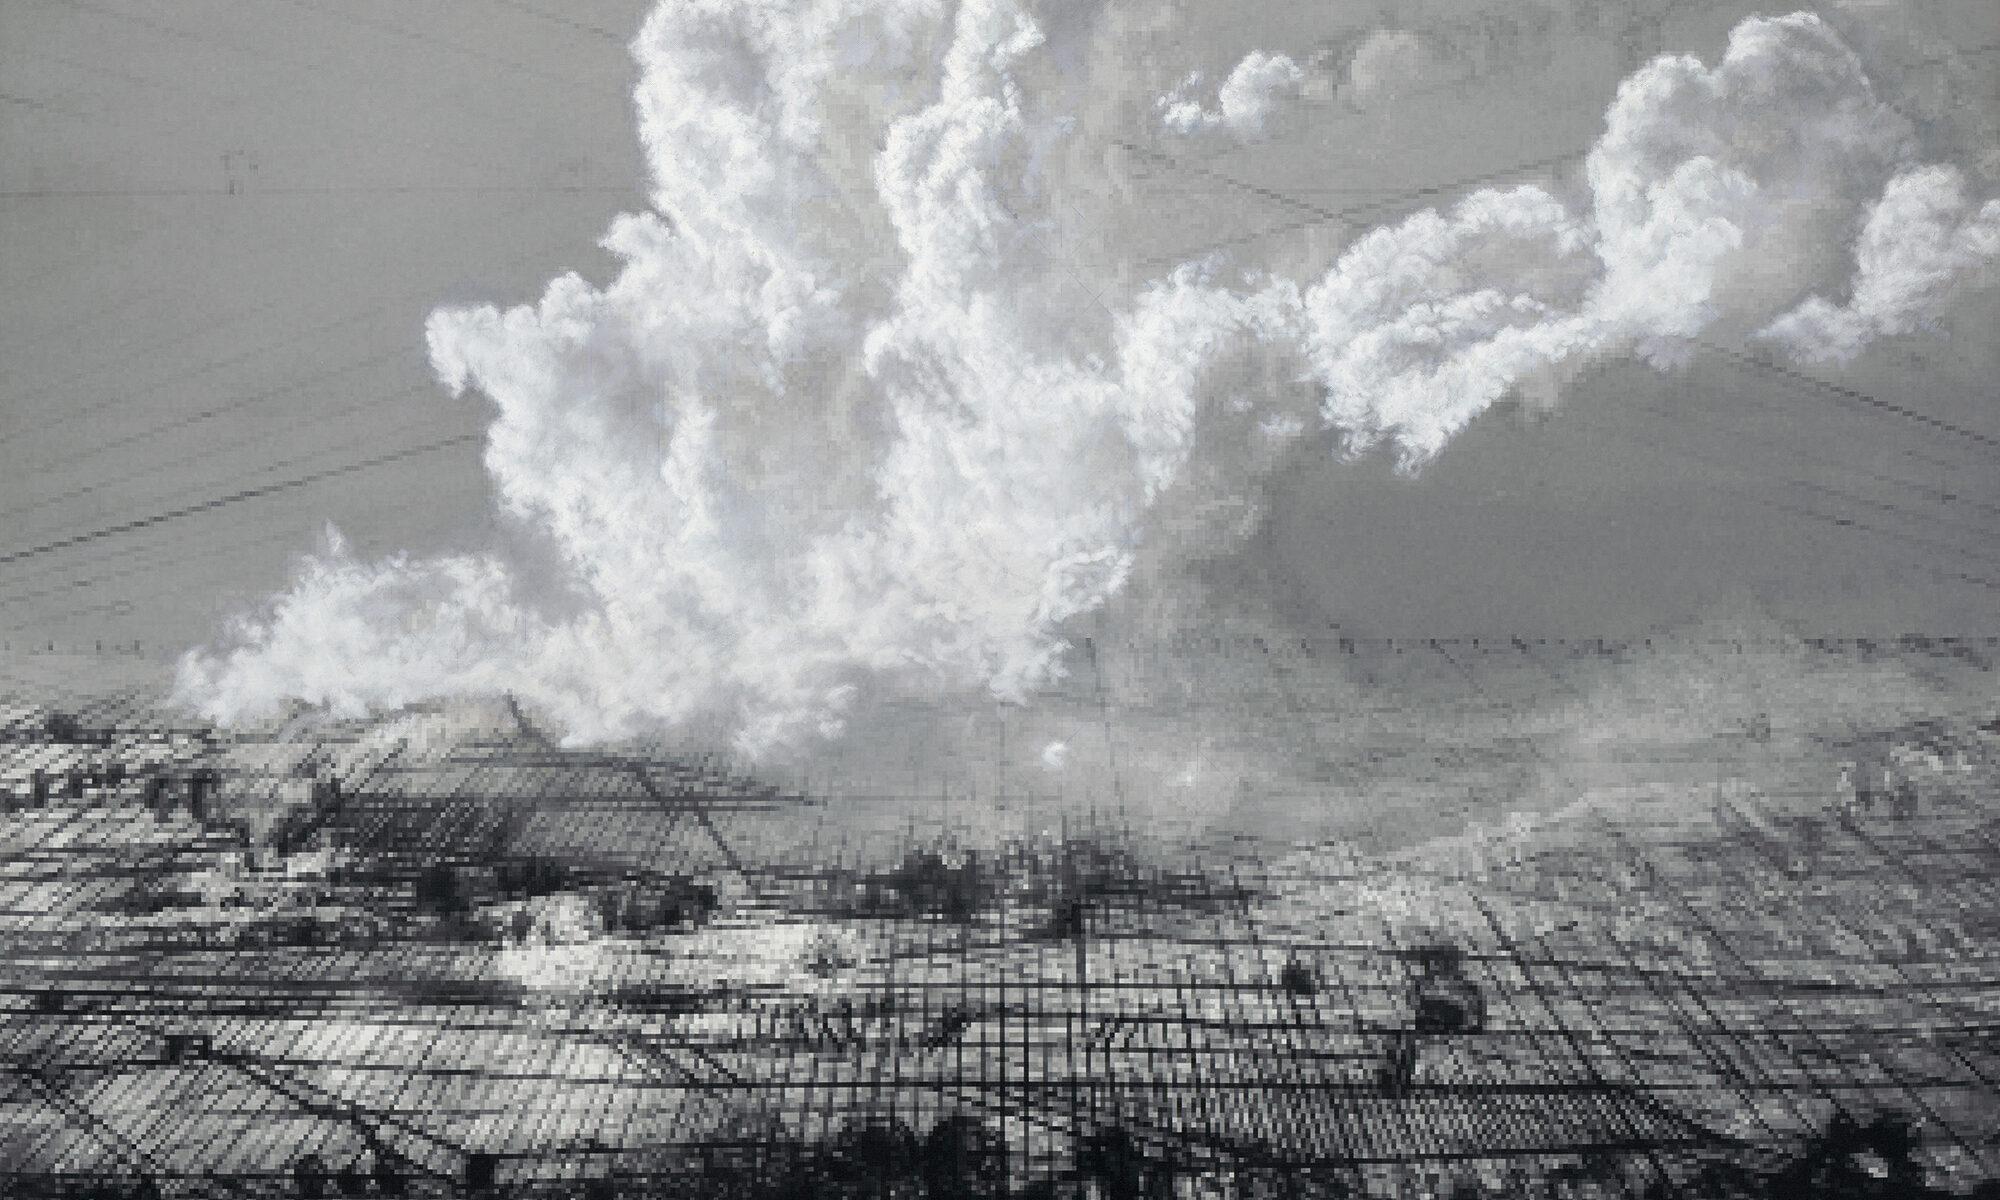 Netscapes sind Gemälde von Panoramen mit Wolken- und Erdfragmenten auf perspektivisch aufgefächerten Gitternetzen, die sich in digitale Pixel auflösen. Die Überformung der Kulturlandschaft wird durch die Reduktion meiner ansonsten stark farbigen Palette auf Schwarz- und Weißtöne und durch die Darstellung der Landschaft als Konstrukt untermauert. Deutlich sichtbare Konstruktions- und Perspektivlinien legen meine Strategie offen und unterstützten die Tiefenwirkung im Bild.